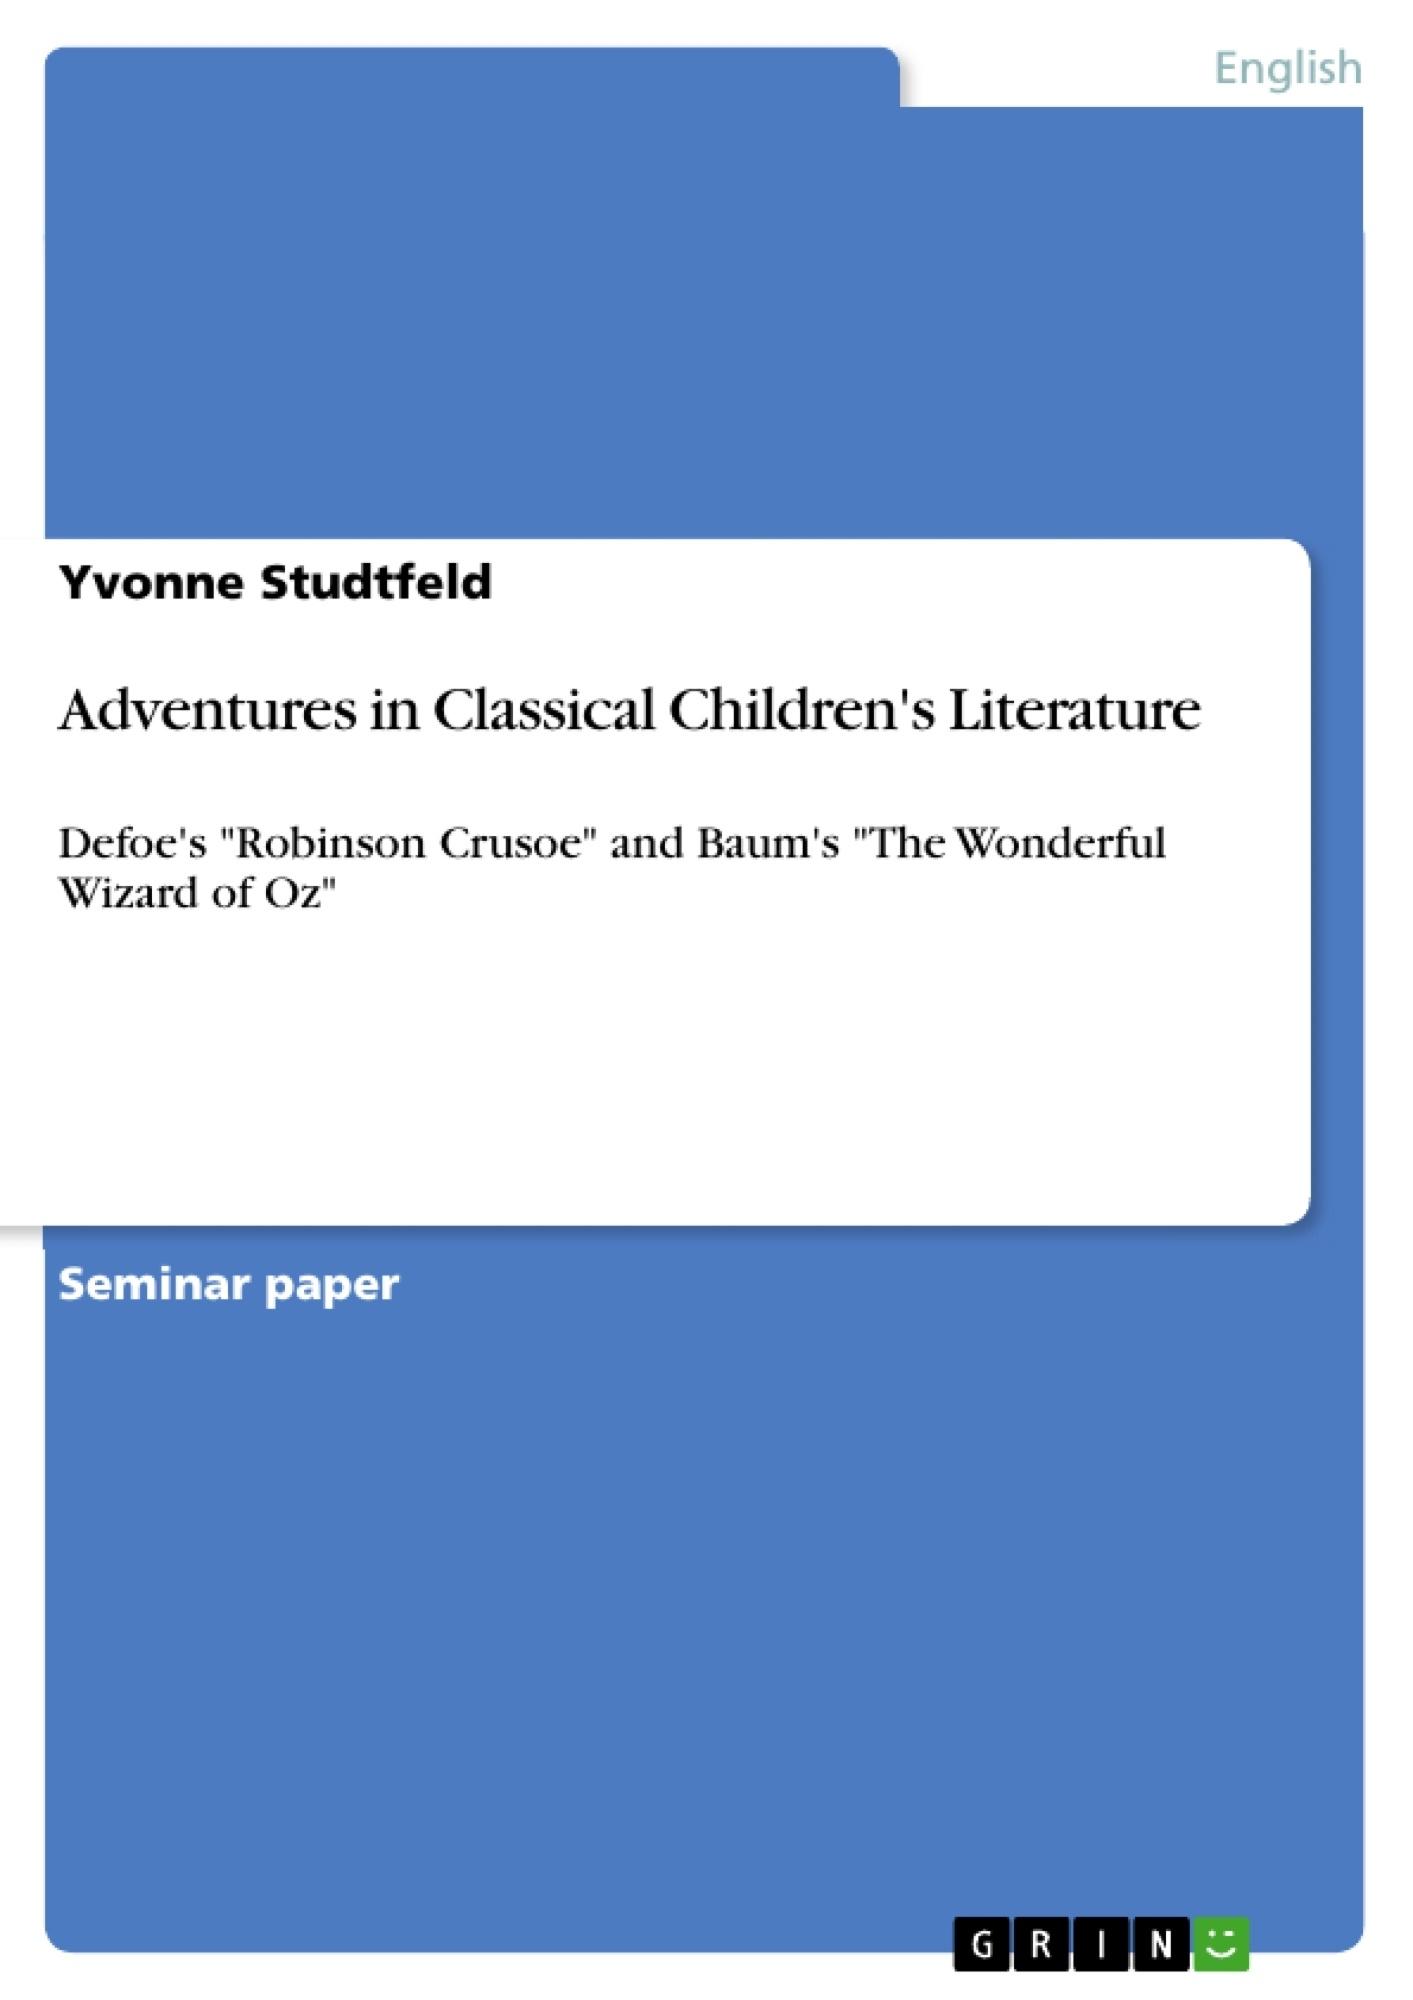 Title: Adventures in Classical Children's Literature